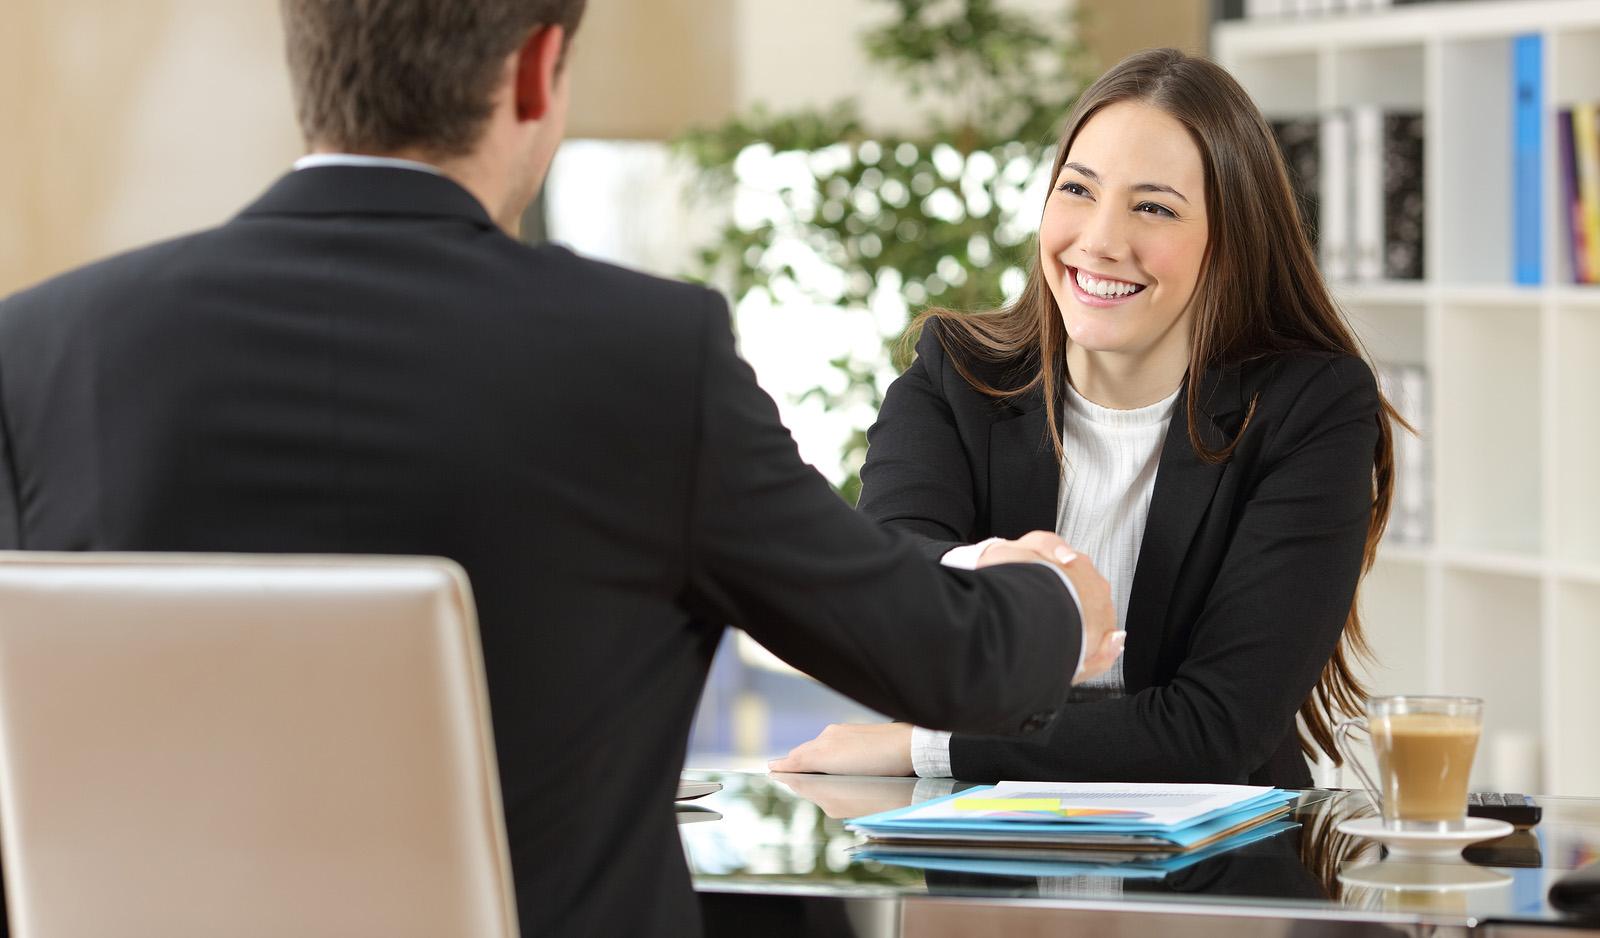 Personalmanagement Seminar - Personalprozesse im Unternehmen erfolgreich optimieren